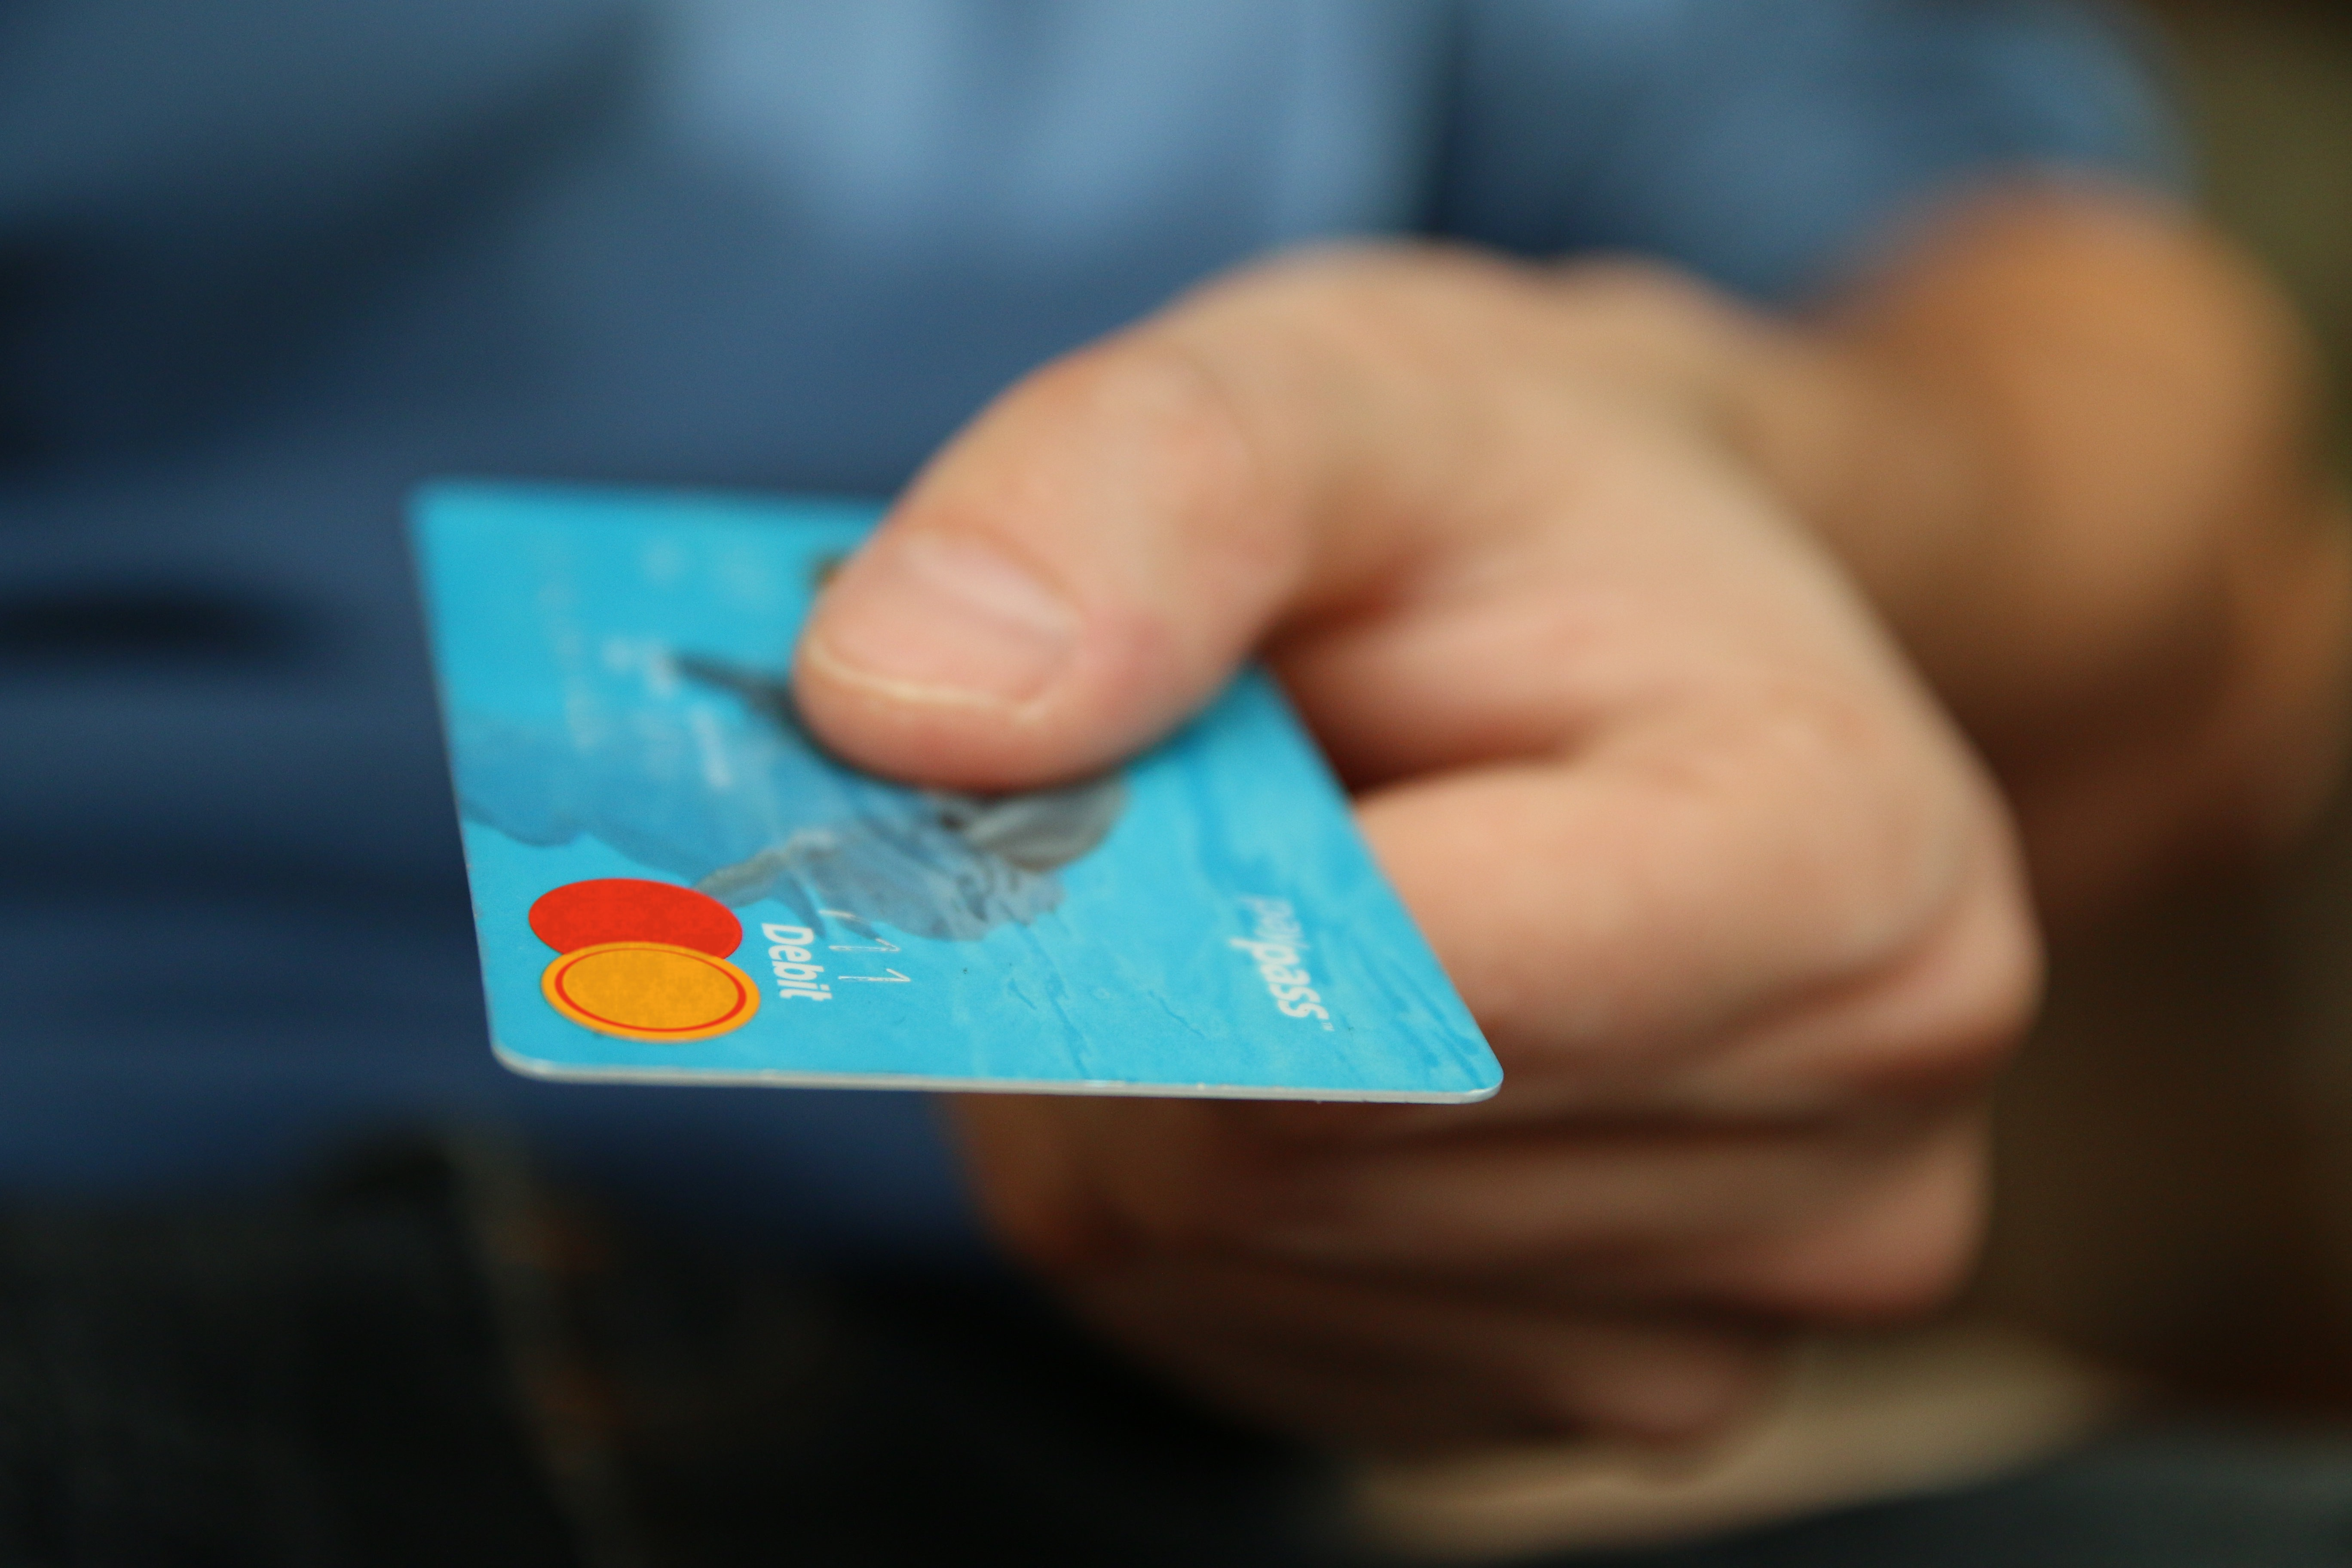 Cambios en los pagos con tarjeta superiores a 30 euros: ahora requieren doble autorización